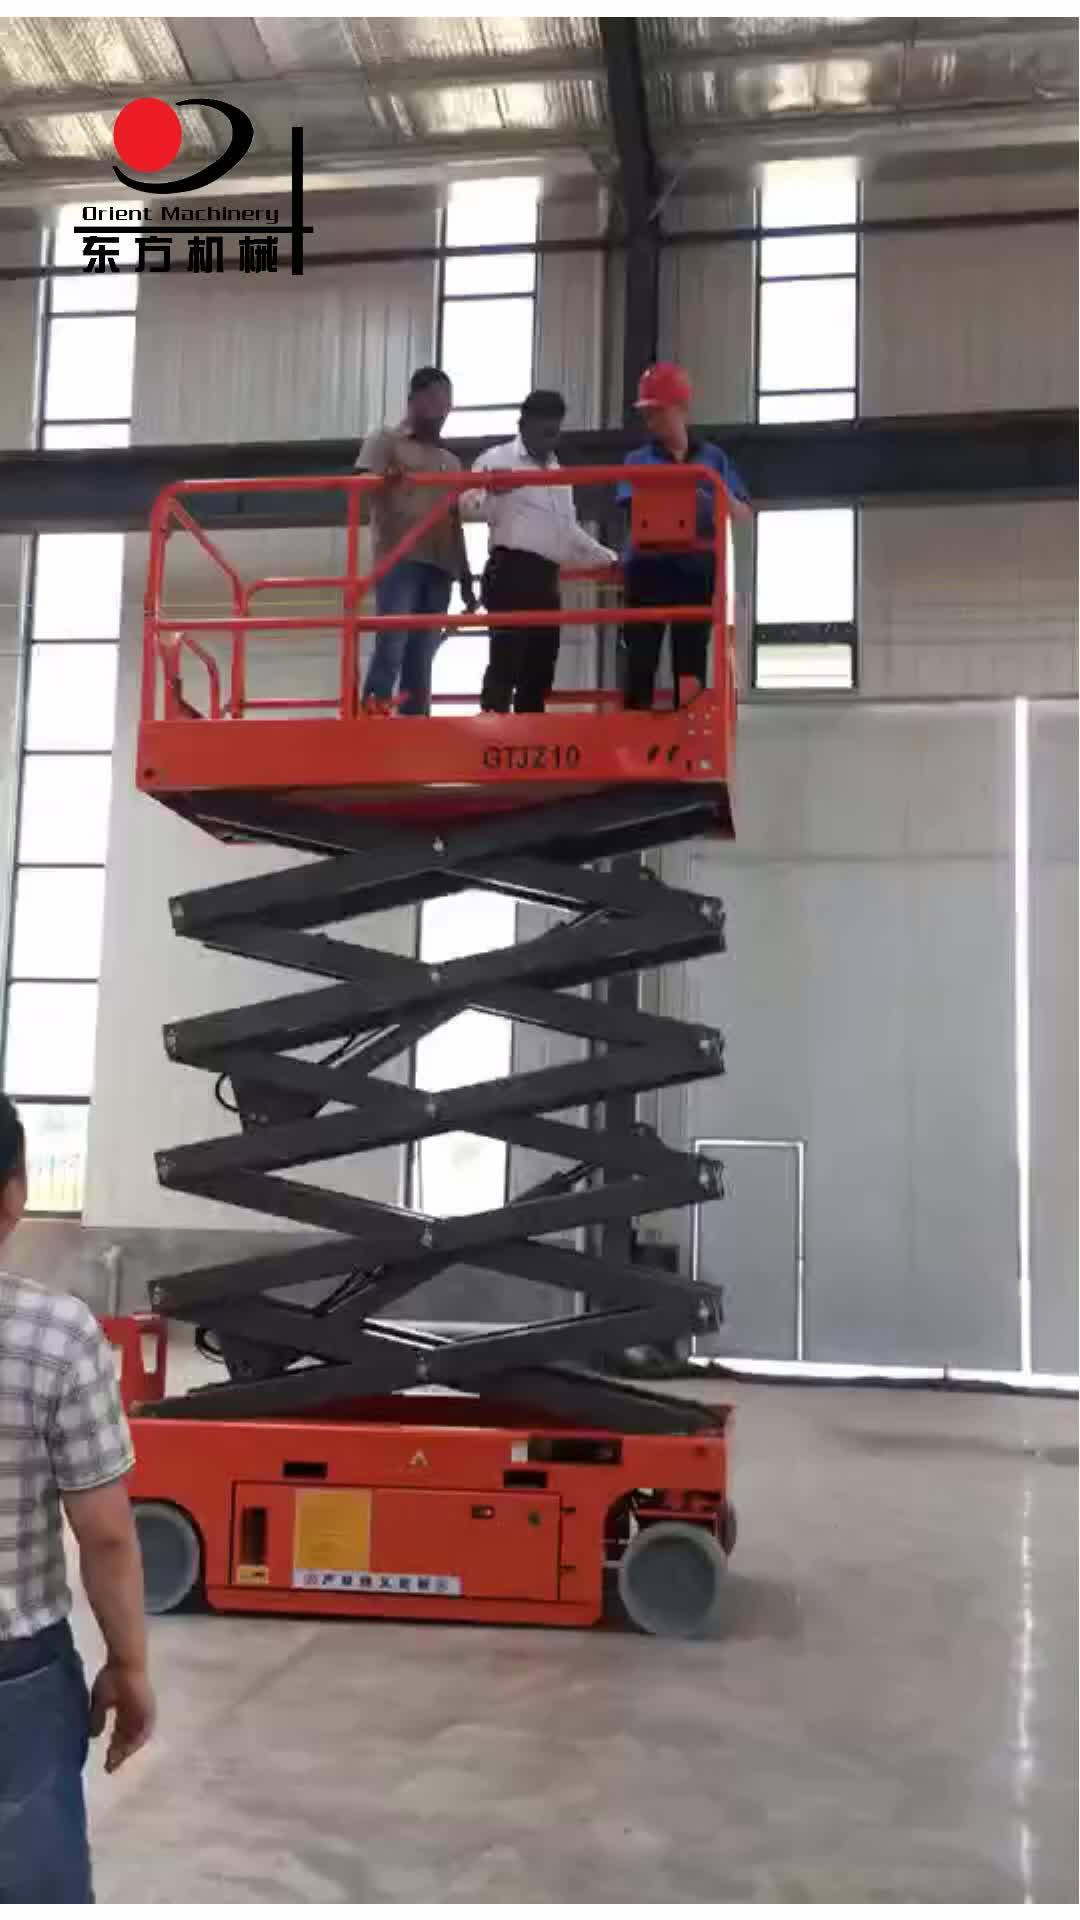 Scissor o elevador auto-propulsão elétrica indoor ao ar livre plataforma de trabalho aéreo